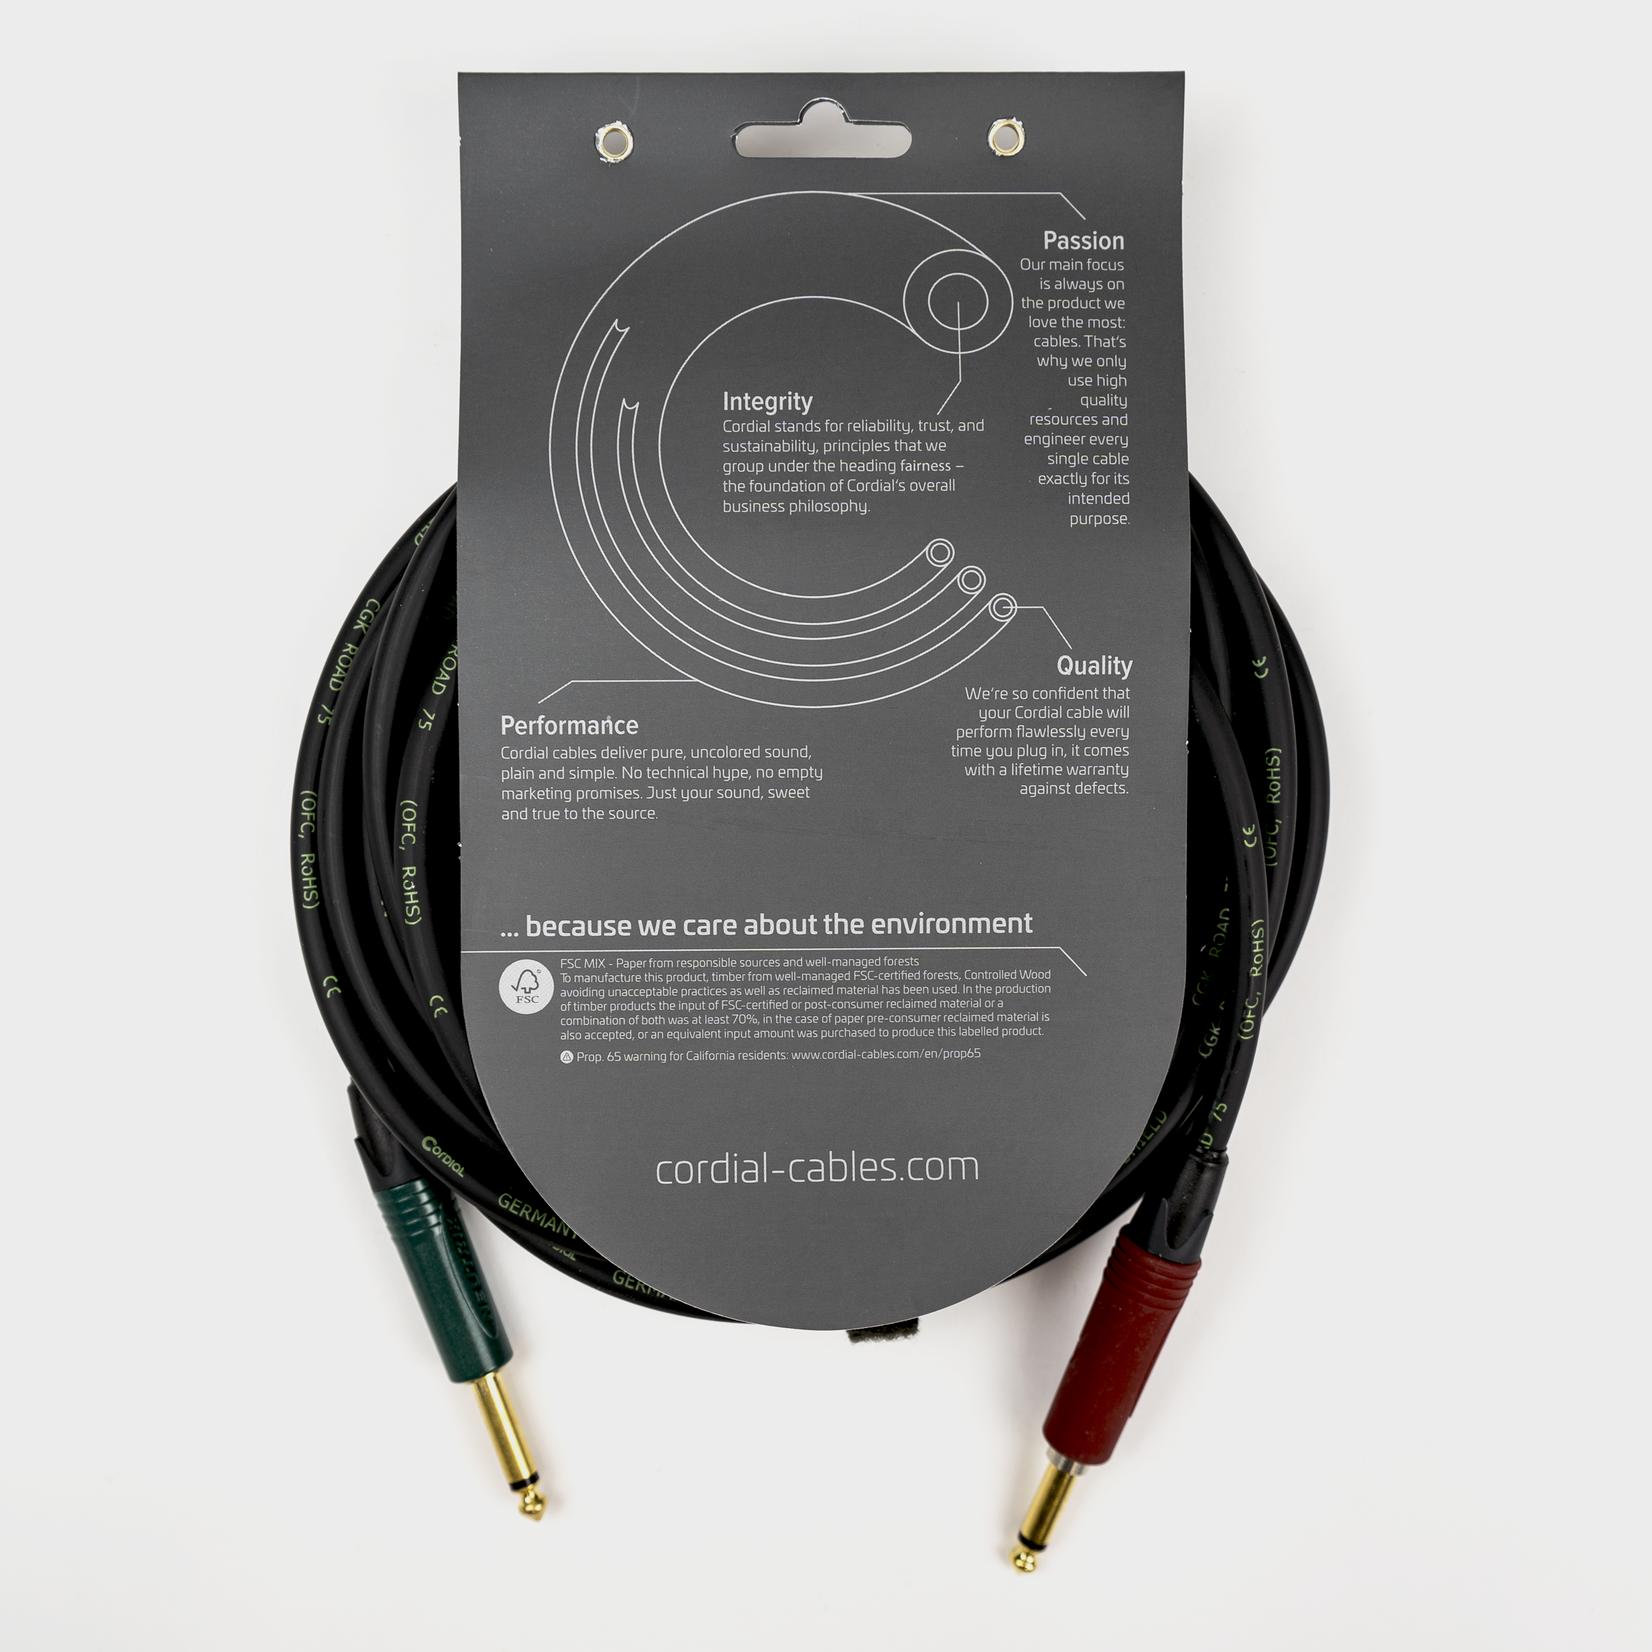 Cordial Cables Cordial 6m /~20ft Premium High-Copper German Inst. Cable, 1/4'' Neutrik Connectors, CRI 6 PP-SILENT